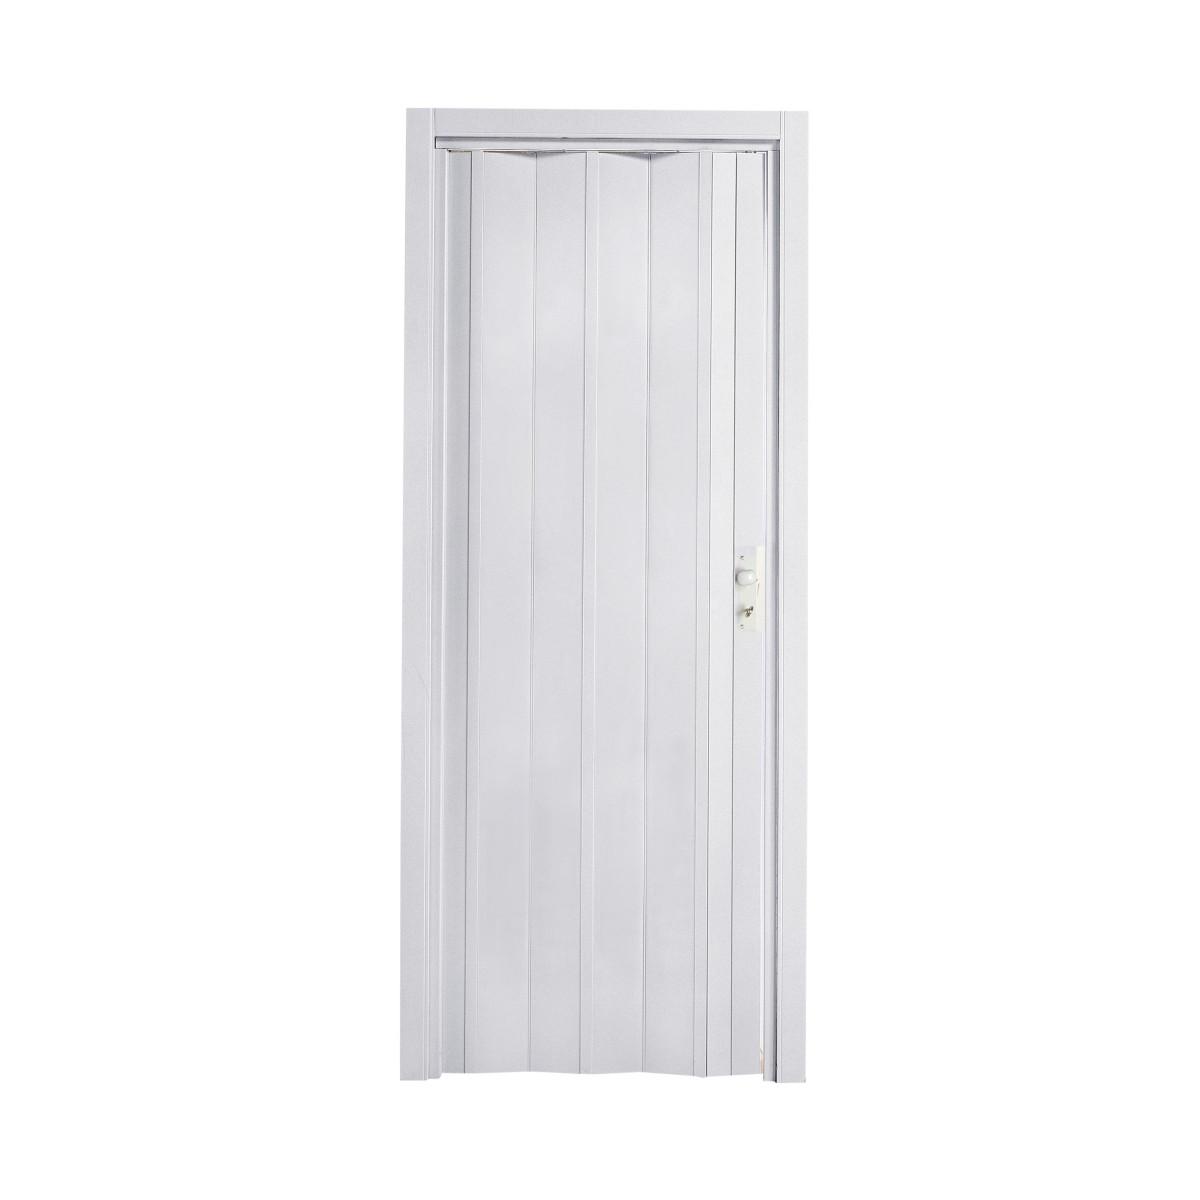 Porta a soffietto luciana bianco l 88 5 x h 214 cm prezzi - Porta a soffietto leroy merlin ...